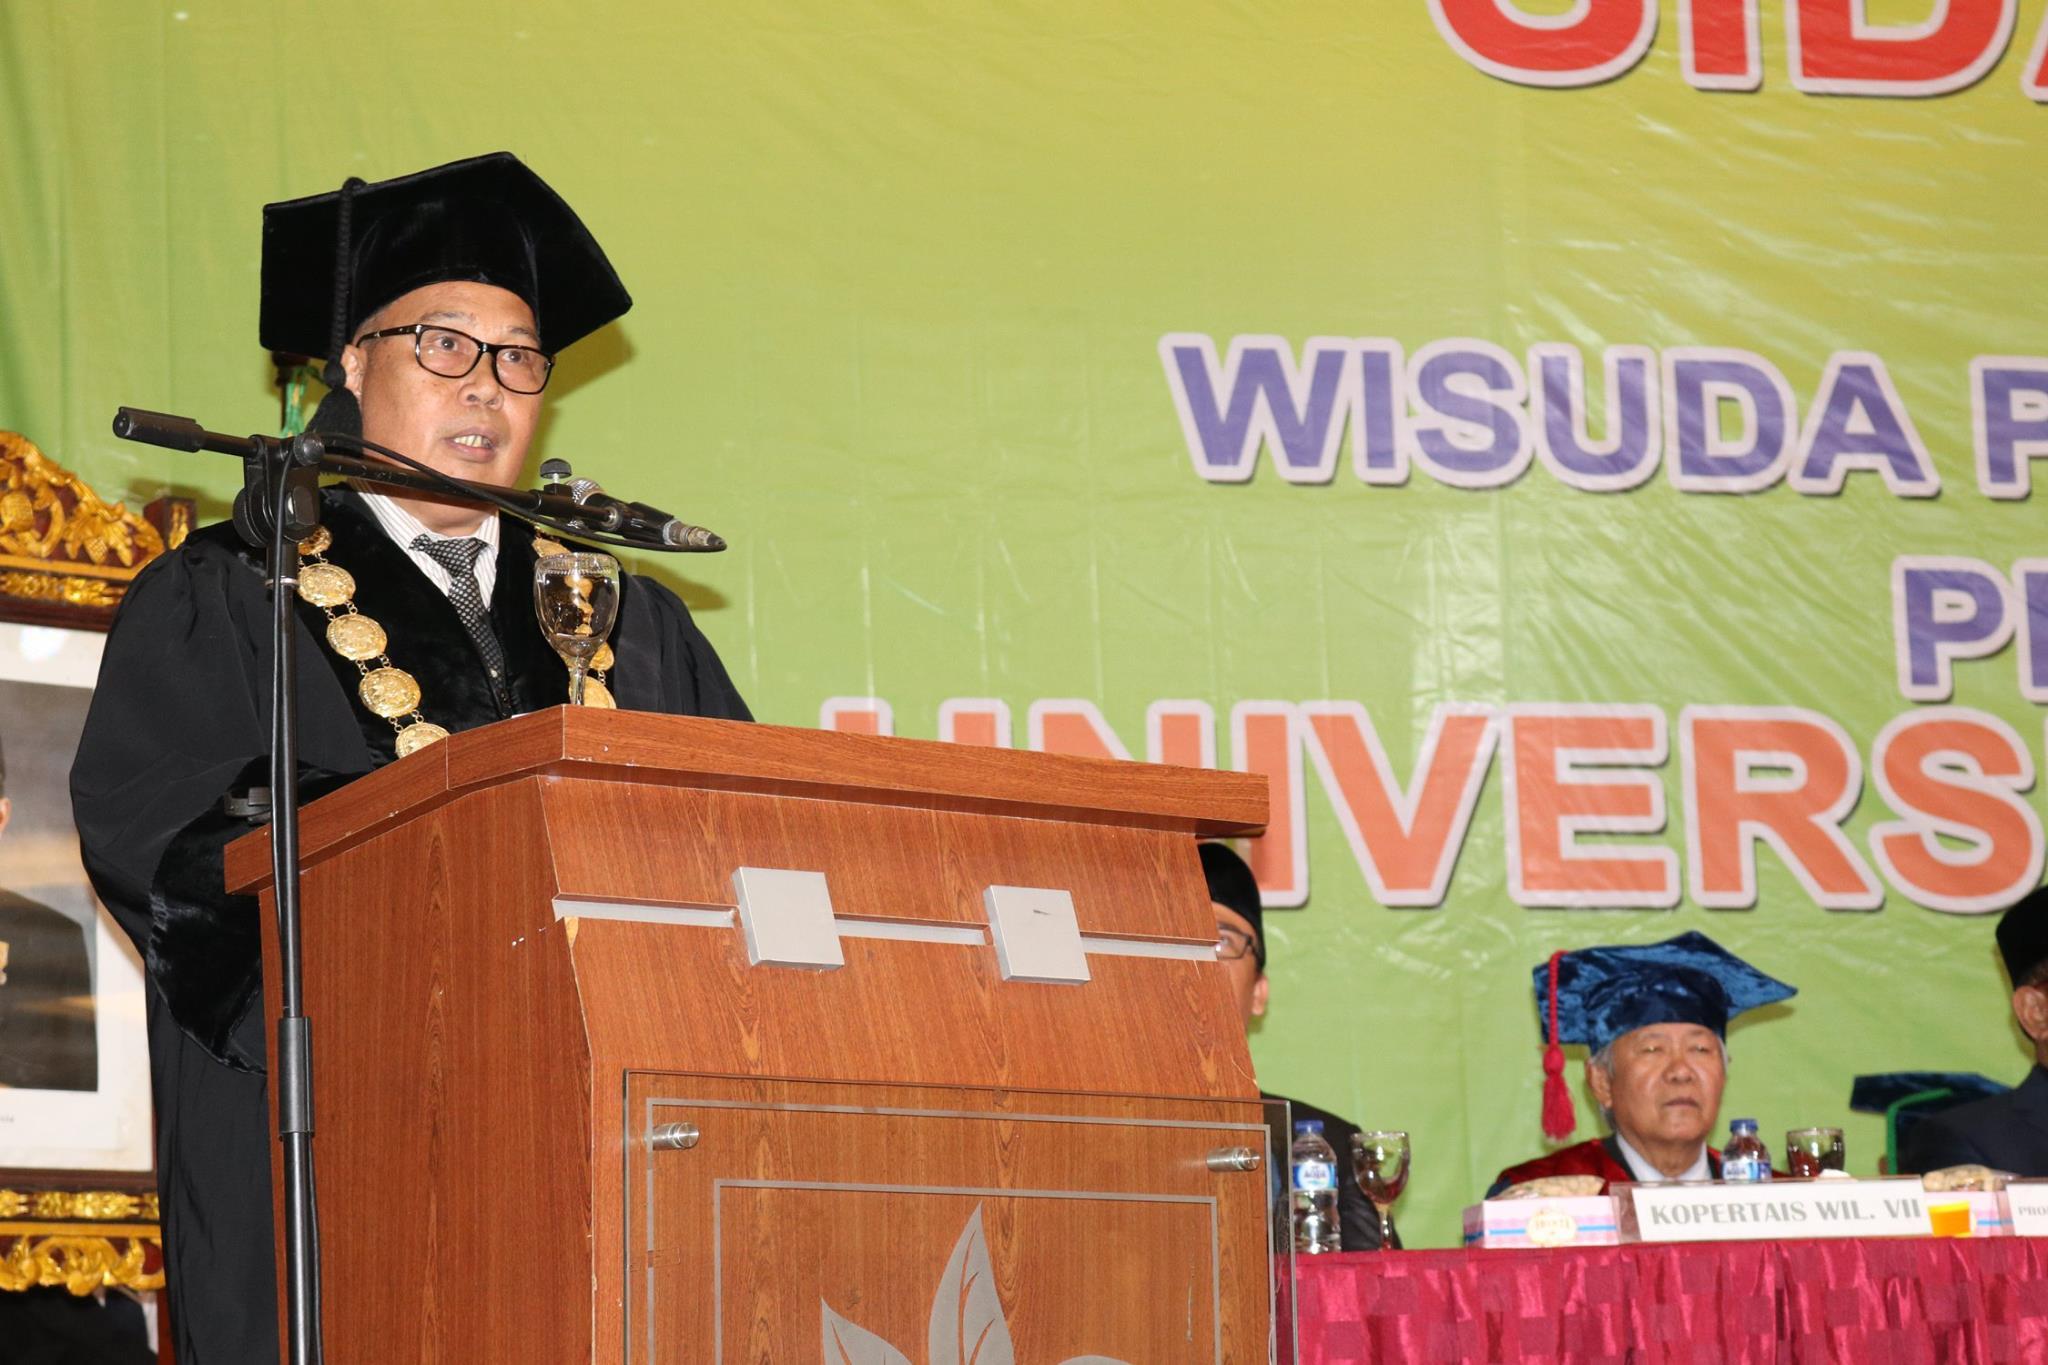 rektor wisuda umpalembang